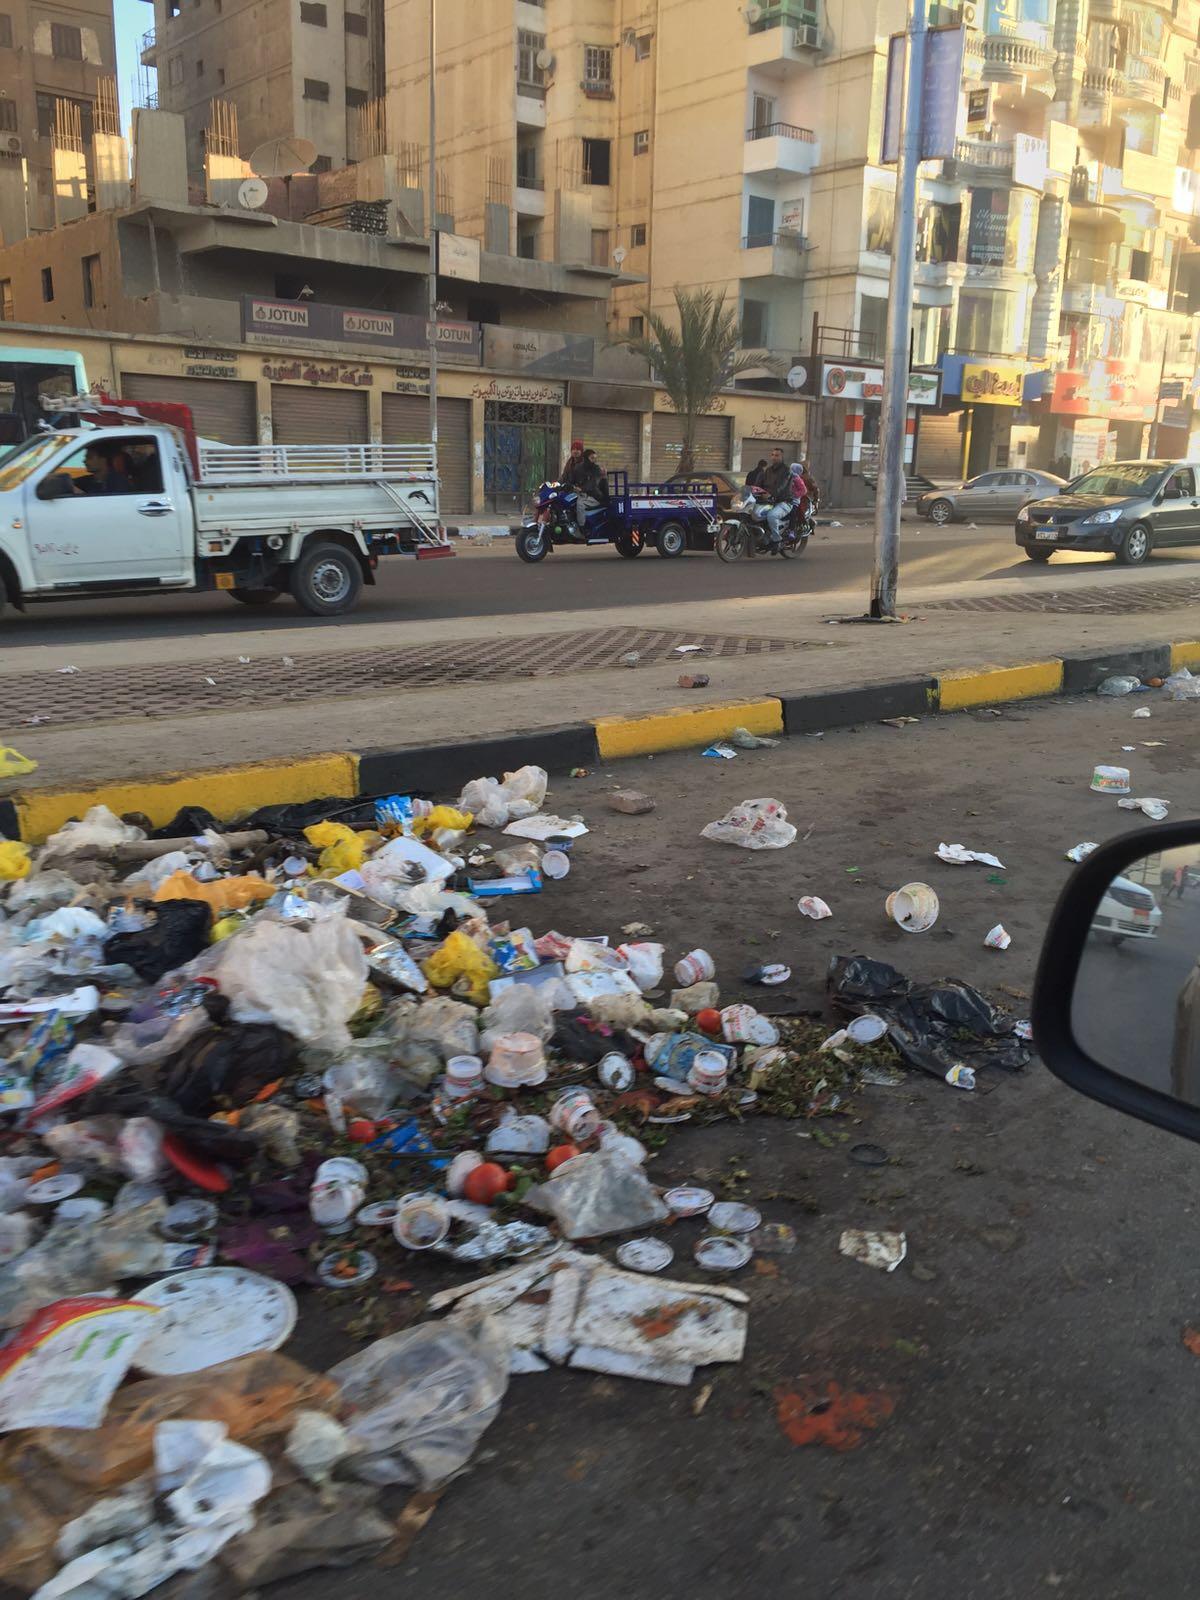 بالصور.. انتشار القمامة في شوارع الحي العاشر بمدينة نصر